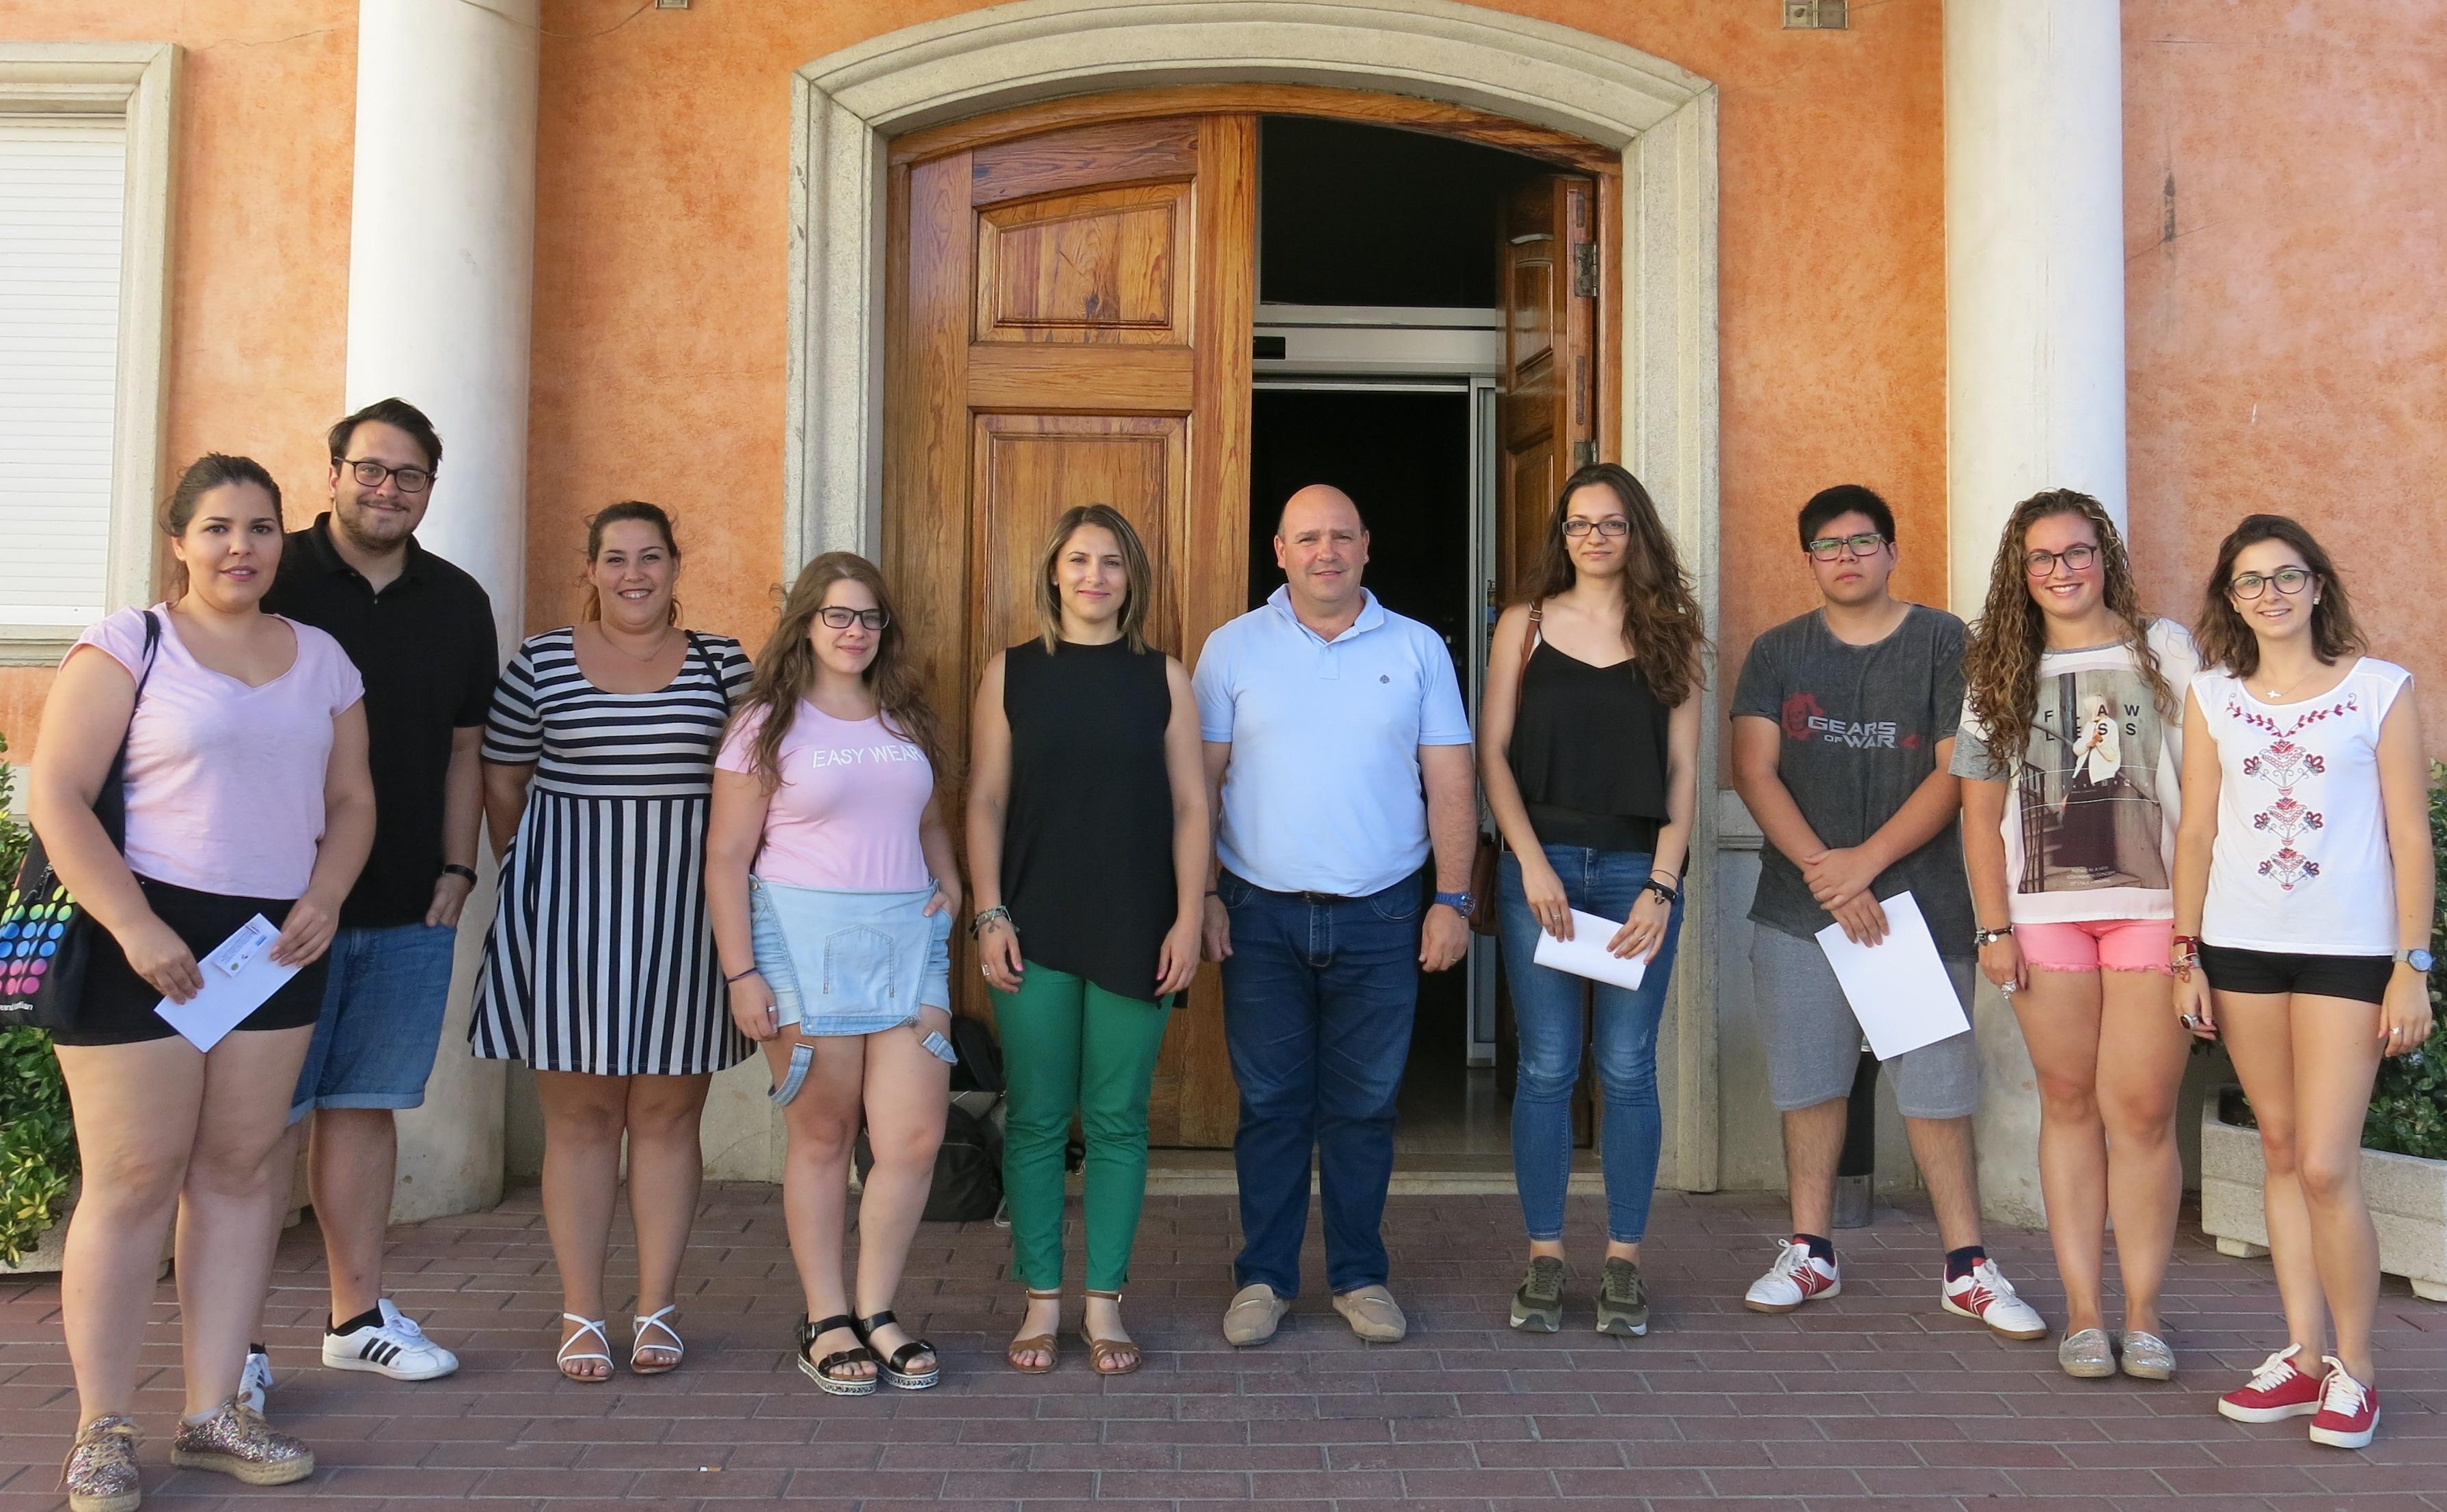 L'alcalde i la regidora d'educació davant de l'Ajuntament de Turís amb els seleccionats per la Dipu et Beca.